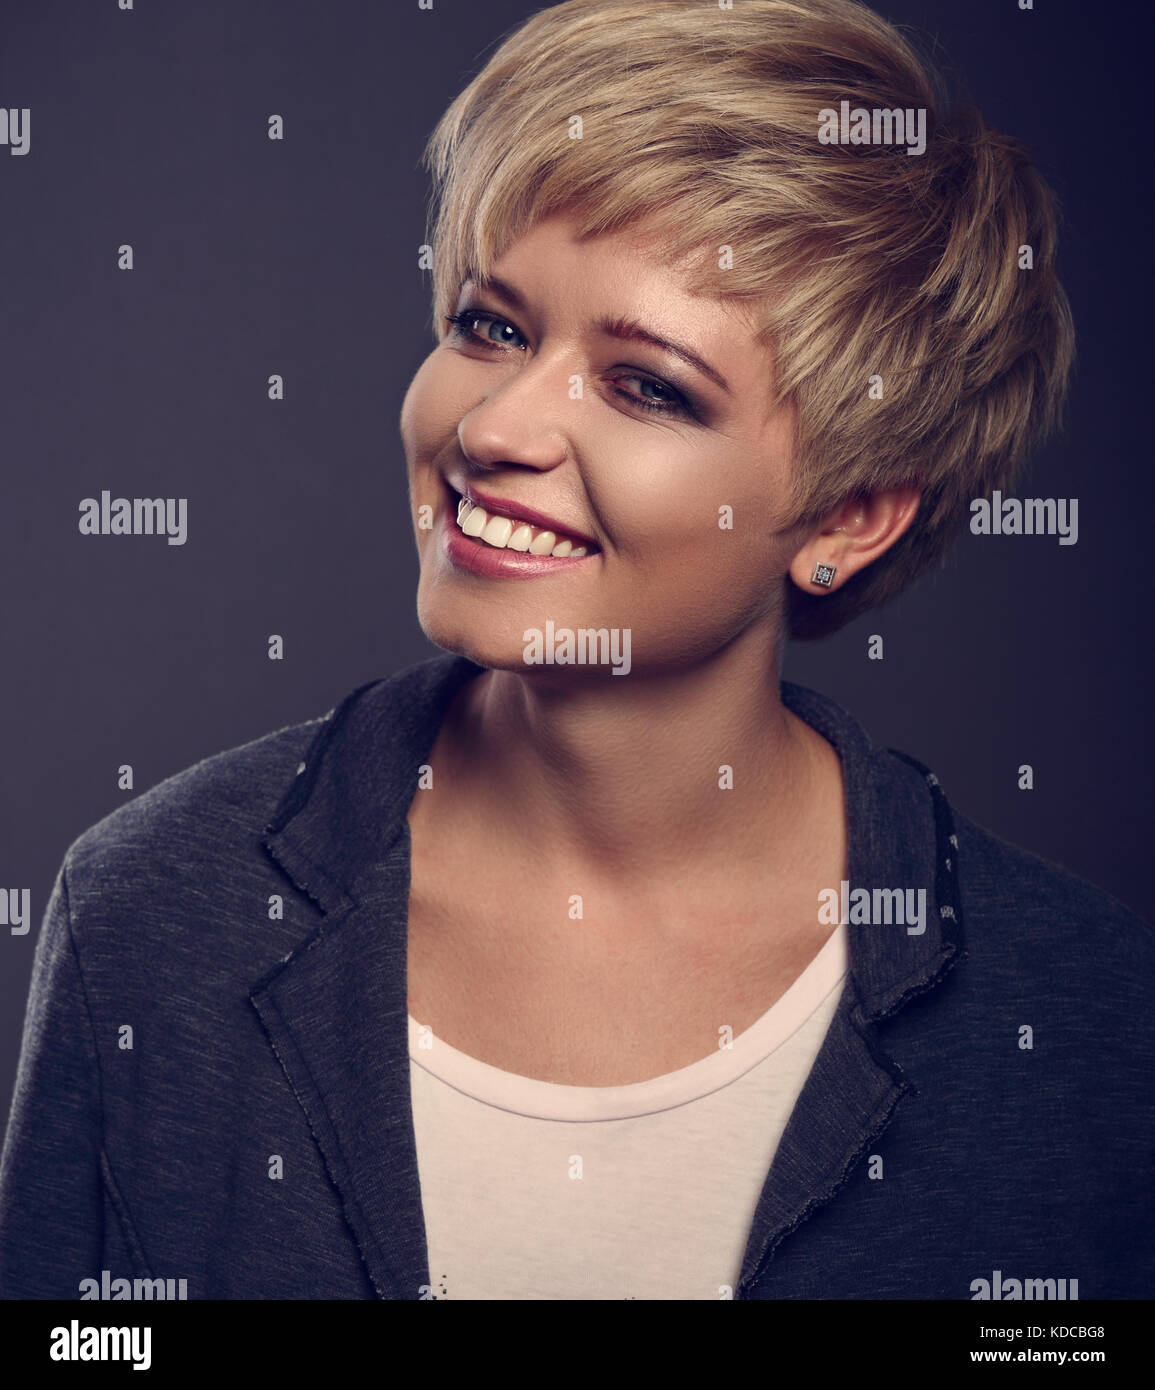 Happy Toothy Lächeln Junge Blonde Frau Mit Kurzen Bob Frisur In